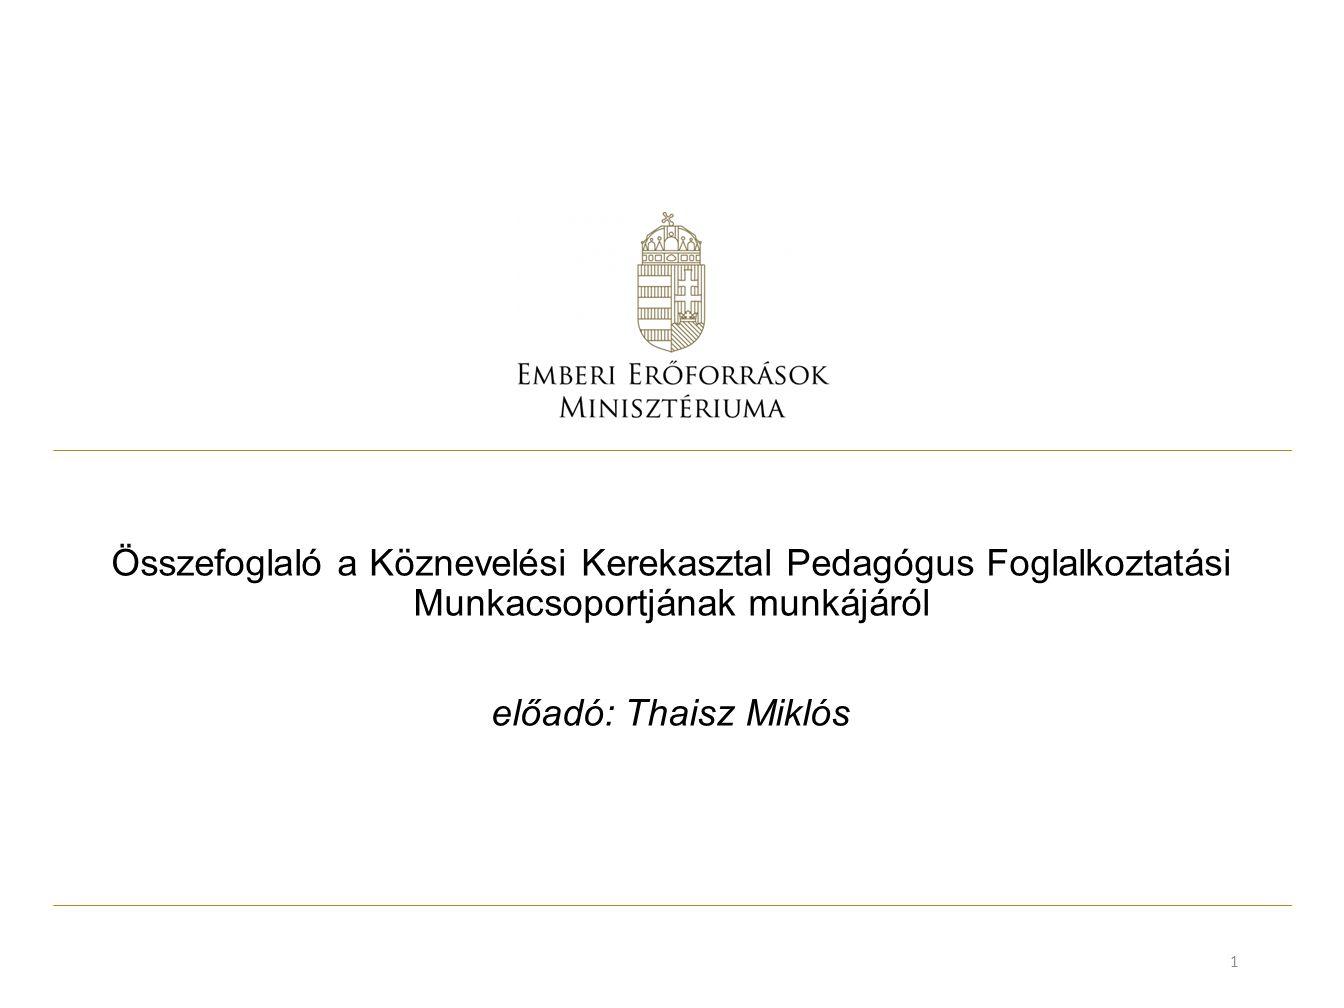 Összefoglaló a Köznevelési Kerekasztal Pedagógus Foglalkoztatási Munkacsoportjának munkájáról előadó: Thaisz Miklós 1